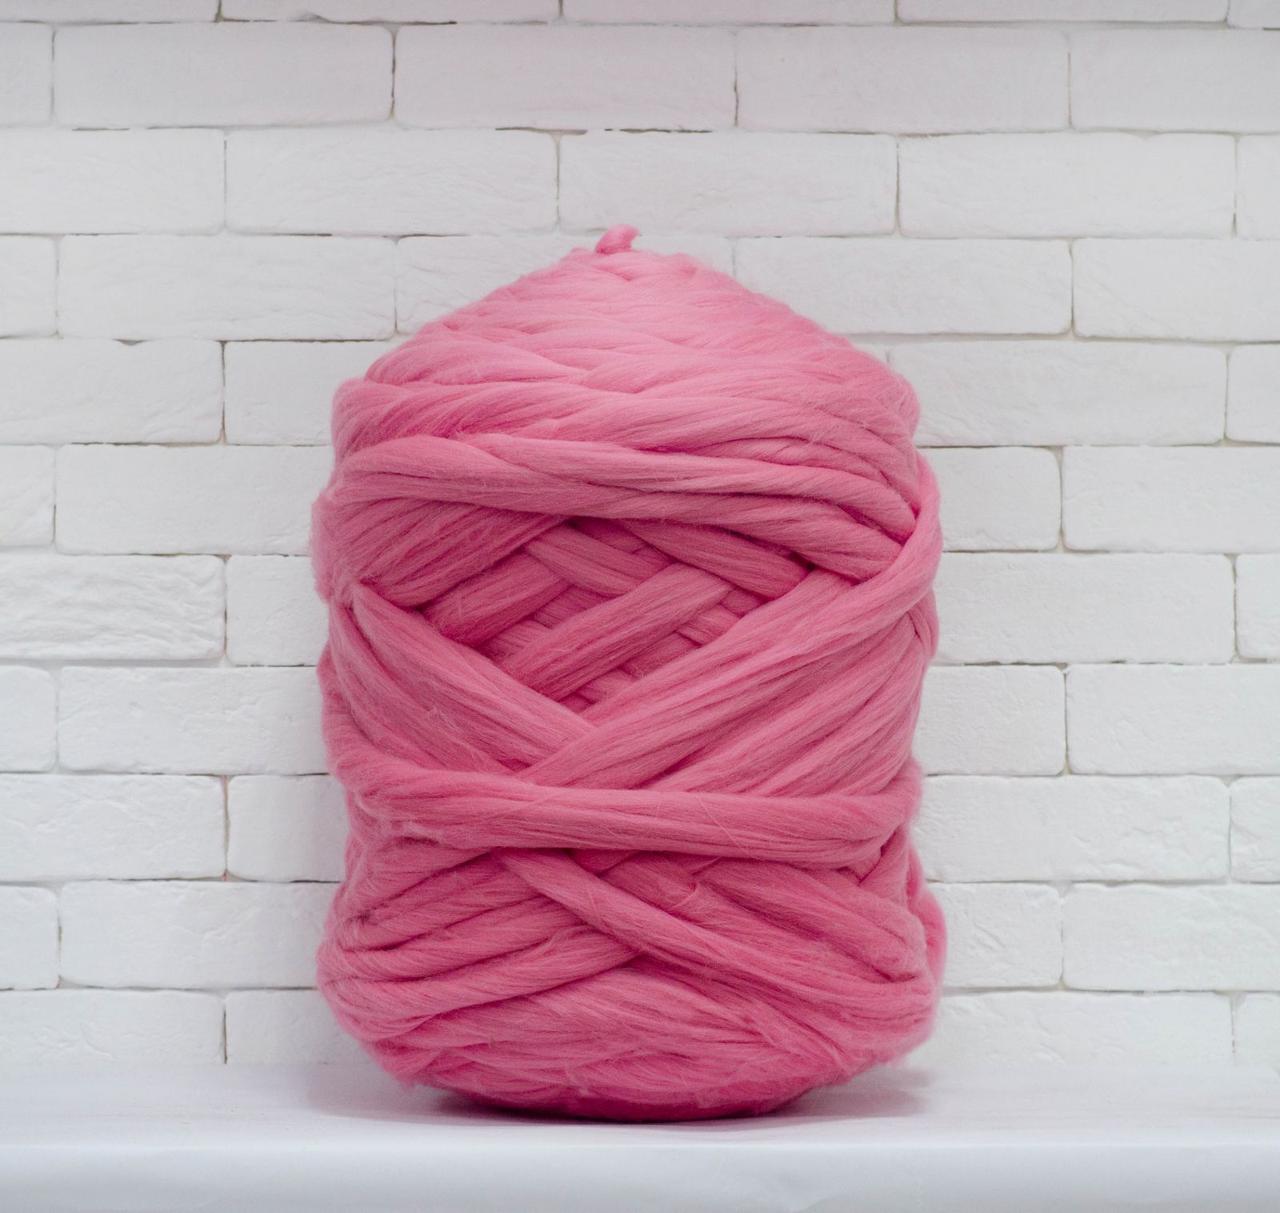 Толстая, крупная пряжа 100% шерсть 1кг (40м). Цвет: Розовый. 26 мкрн. Топс. Лента для пледов